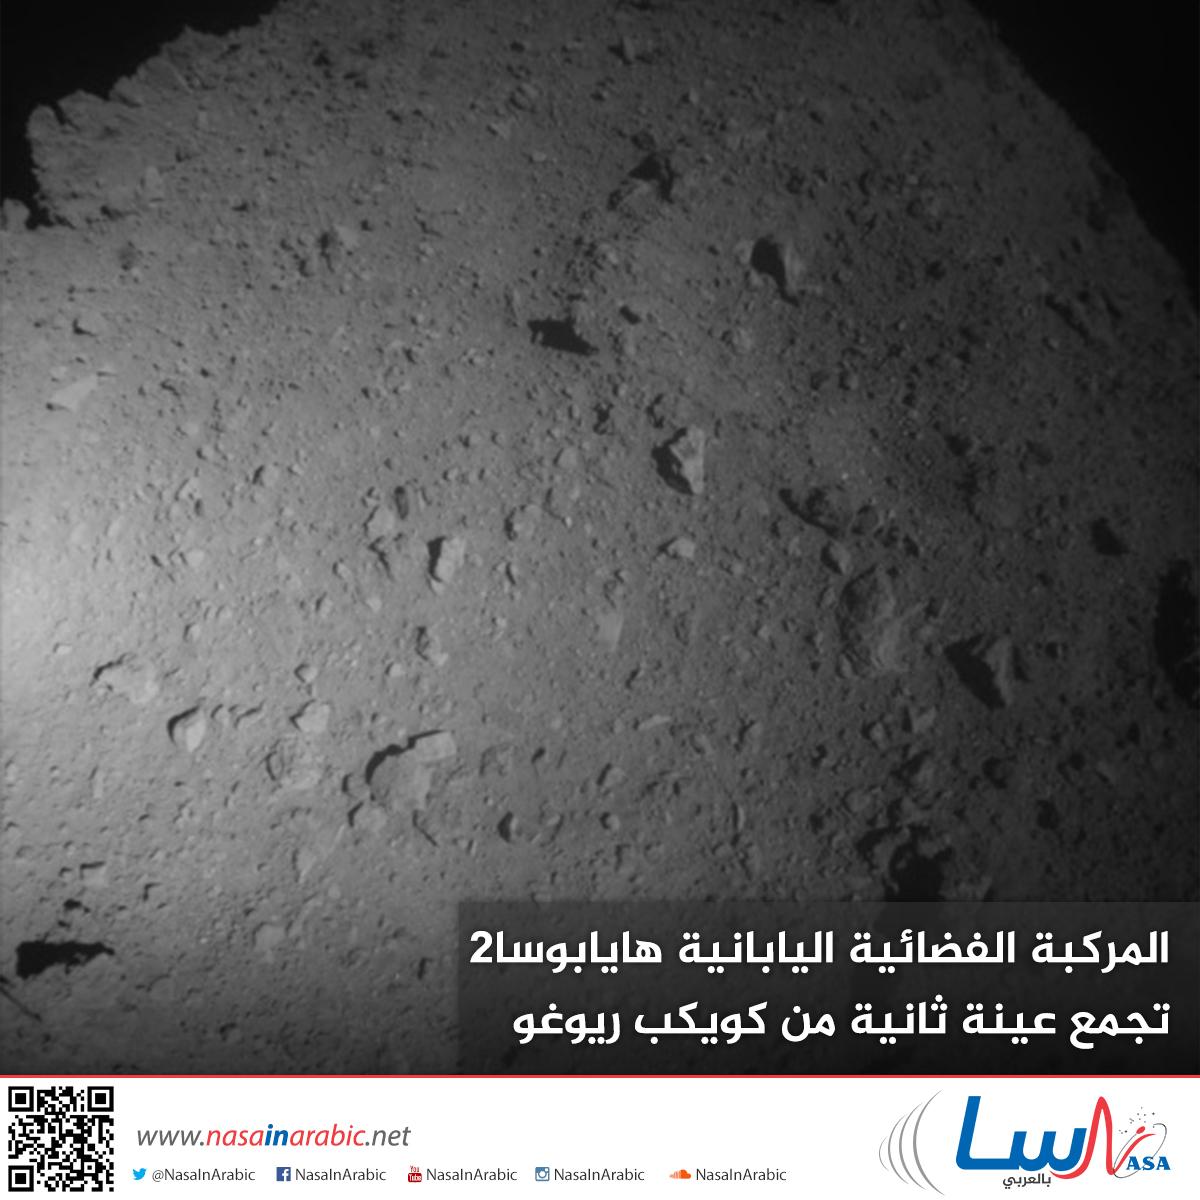 المركبة الفضائية اليابانية هايابوسا2 تجمع عينة ثانية من كويكب ريوغو